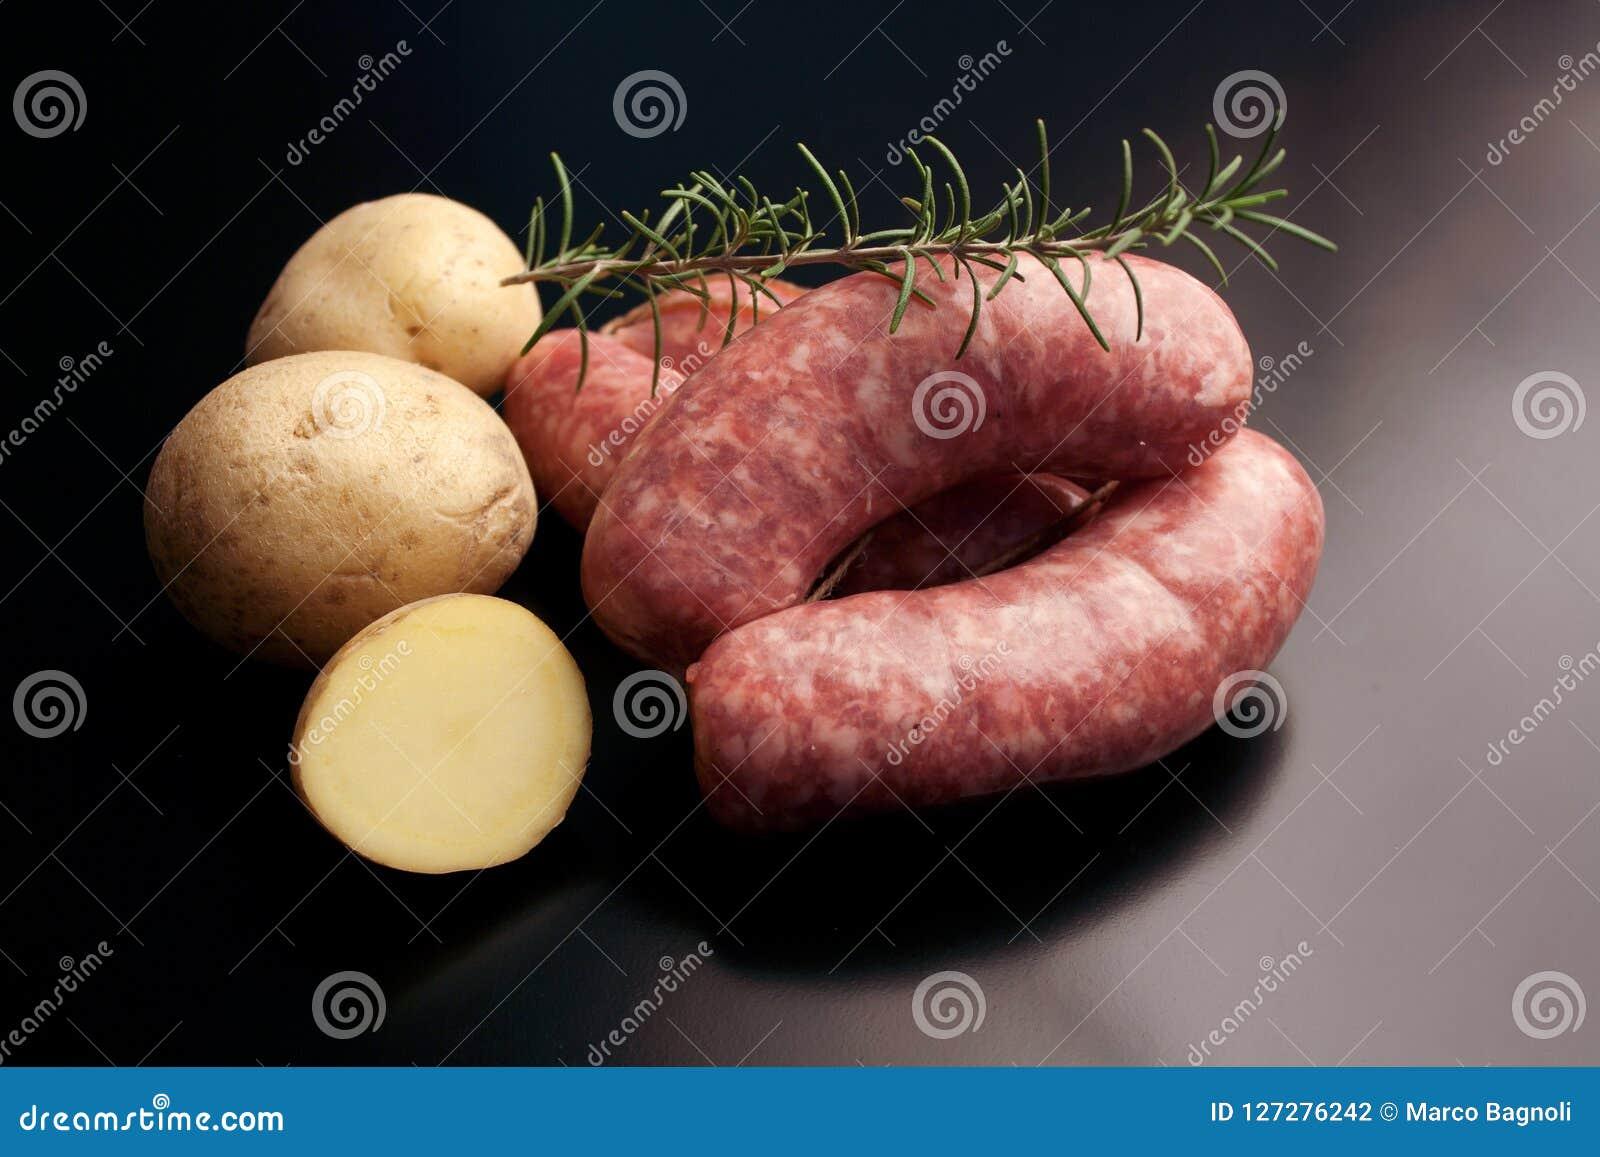 Kiełbasa - korzenny surowy wieprzowiny mięso